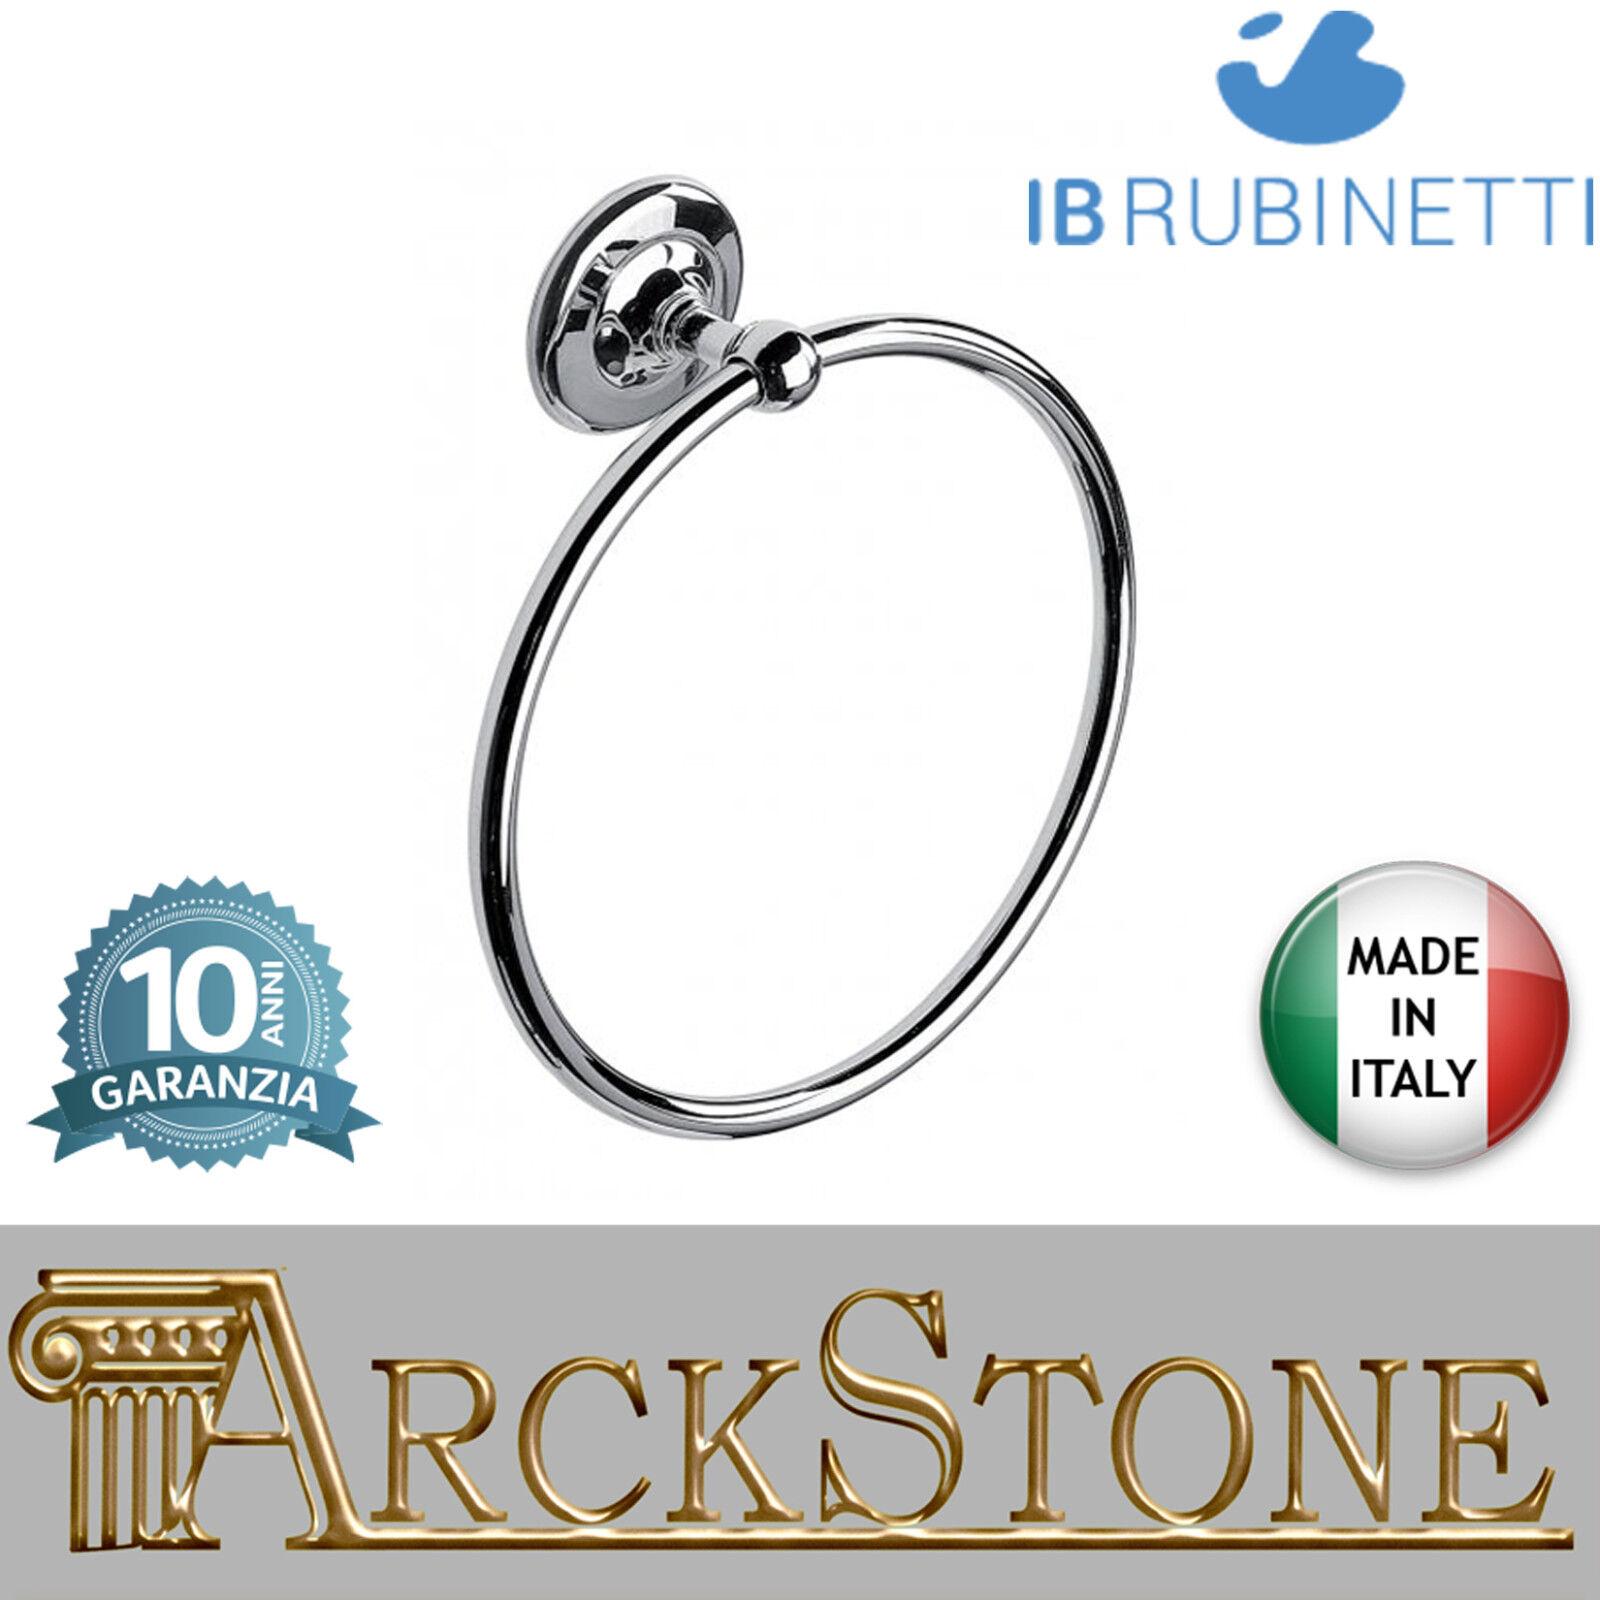 Tür asciugamano anello parete in ottone cromato IB Rubinetti Hermes accessori